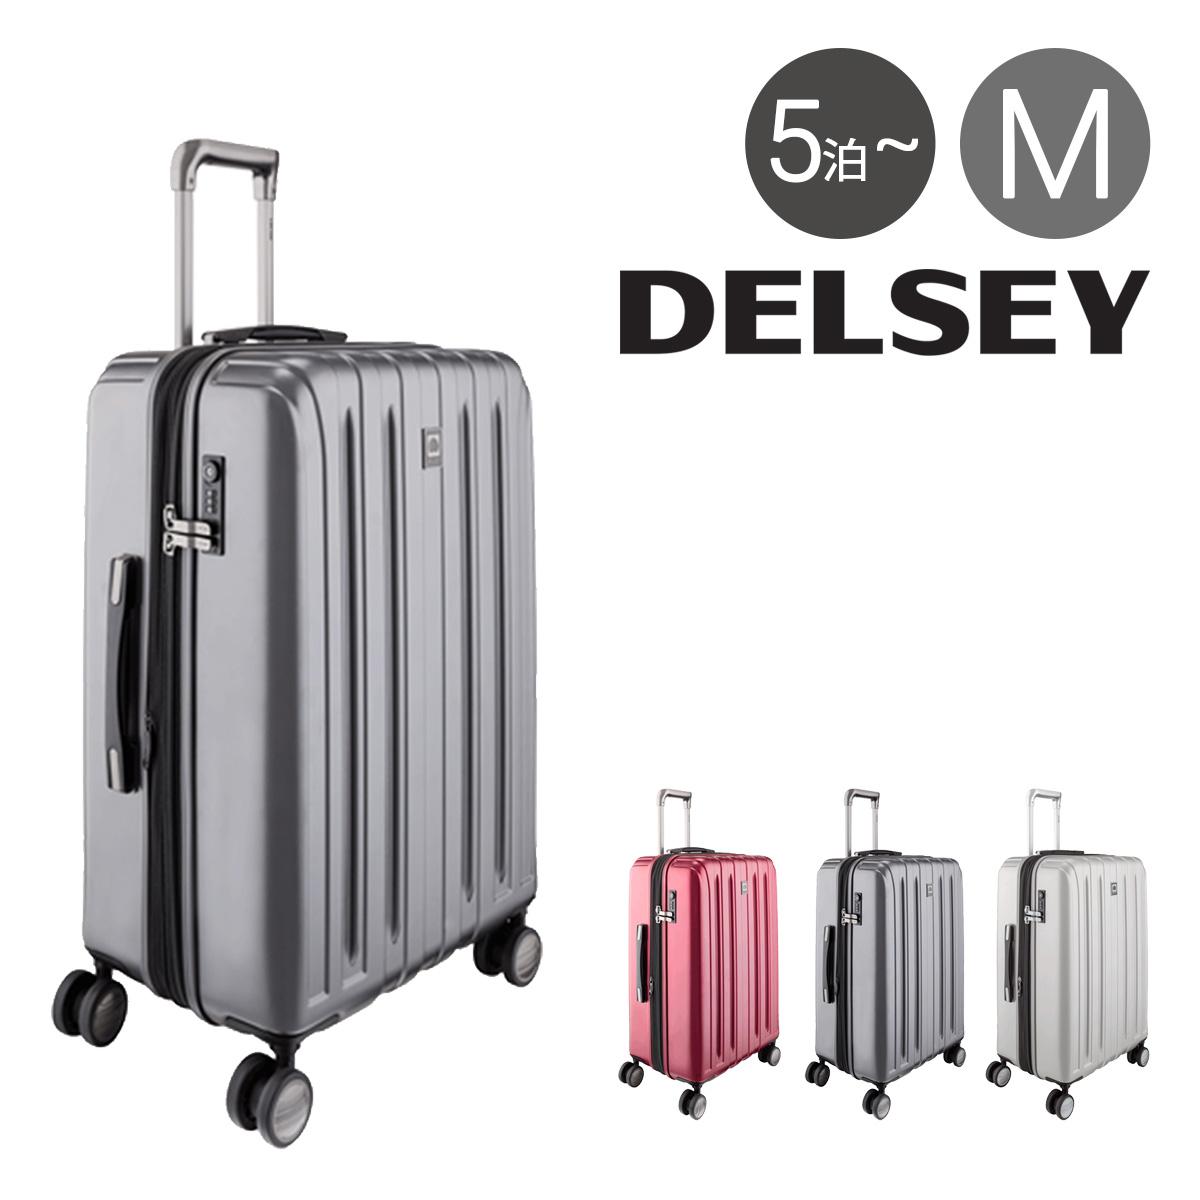 デルセー スーツケース|68L/75L 62cm 4.5kg DVAZ-62|軽量 拡張 サンコー 5年保証 ハード ファスナー TSAロック搭載 キャリーケース ビジネスキャリー [PO10][bef][即日発送]